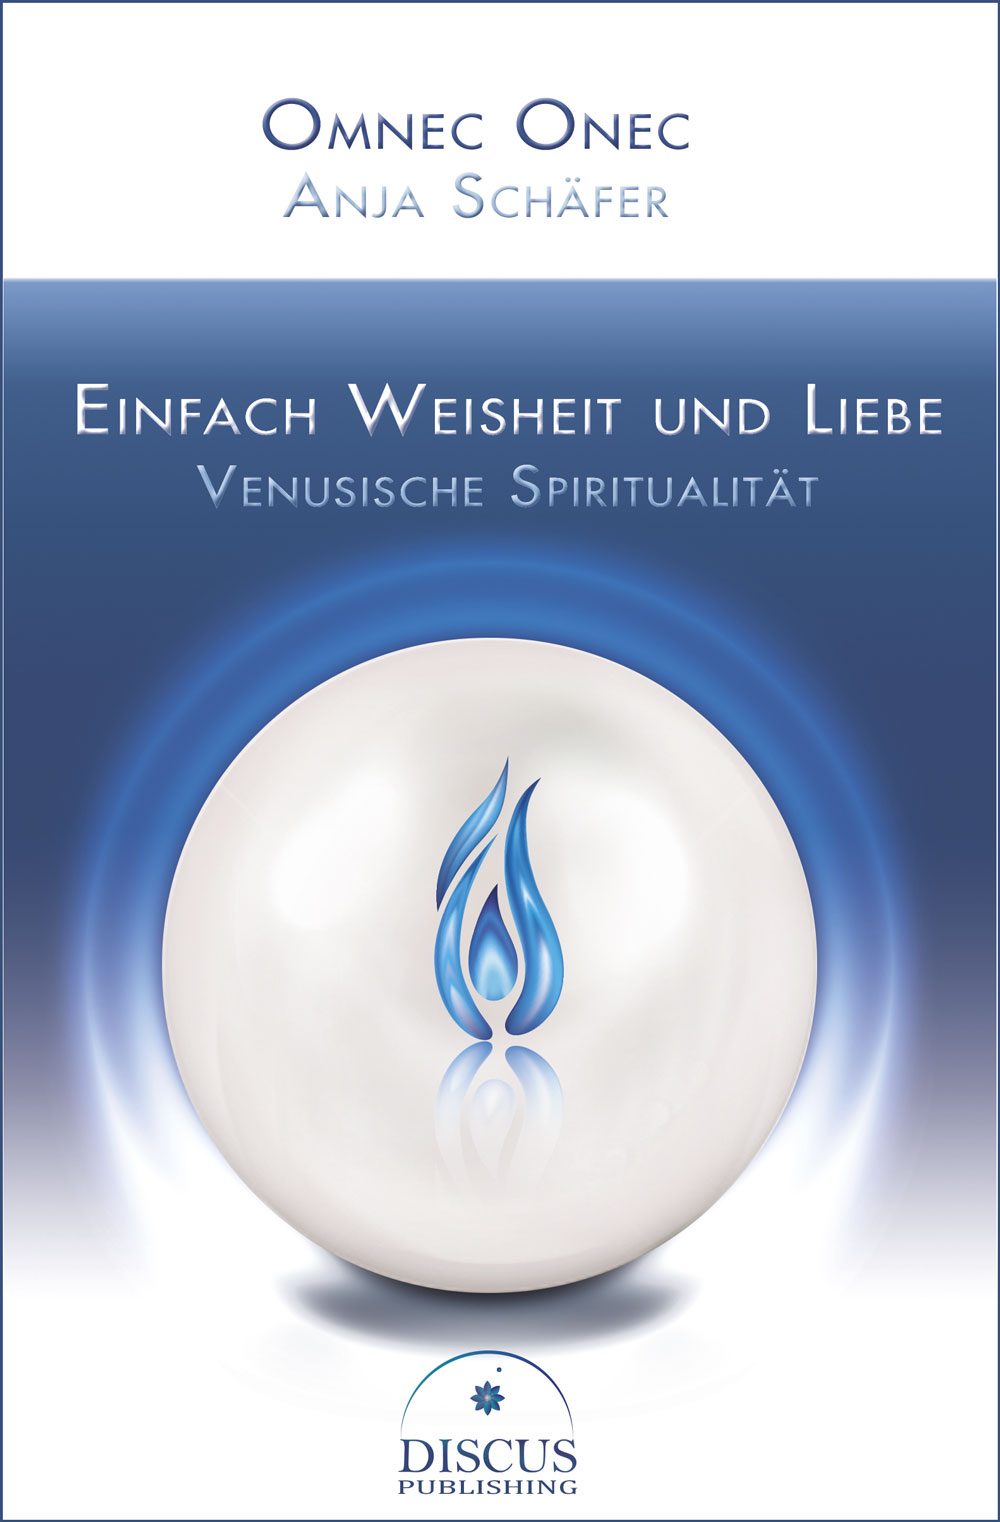 """""""Einfach Weisheit und Liebe – Venusische Spiritualität"""" als Ebook für Kindle veröffentlicht"""